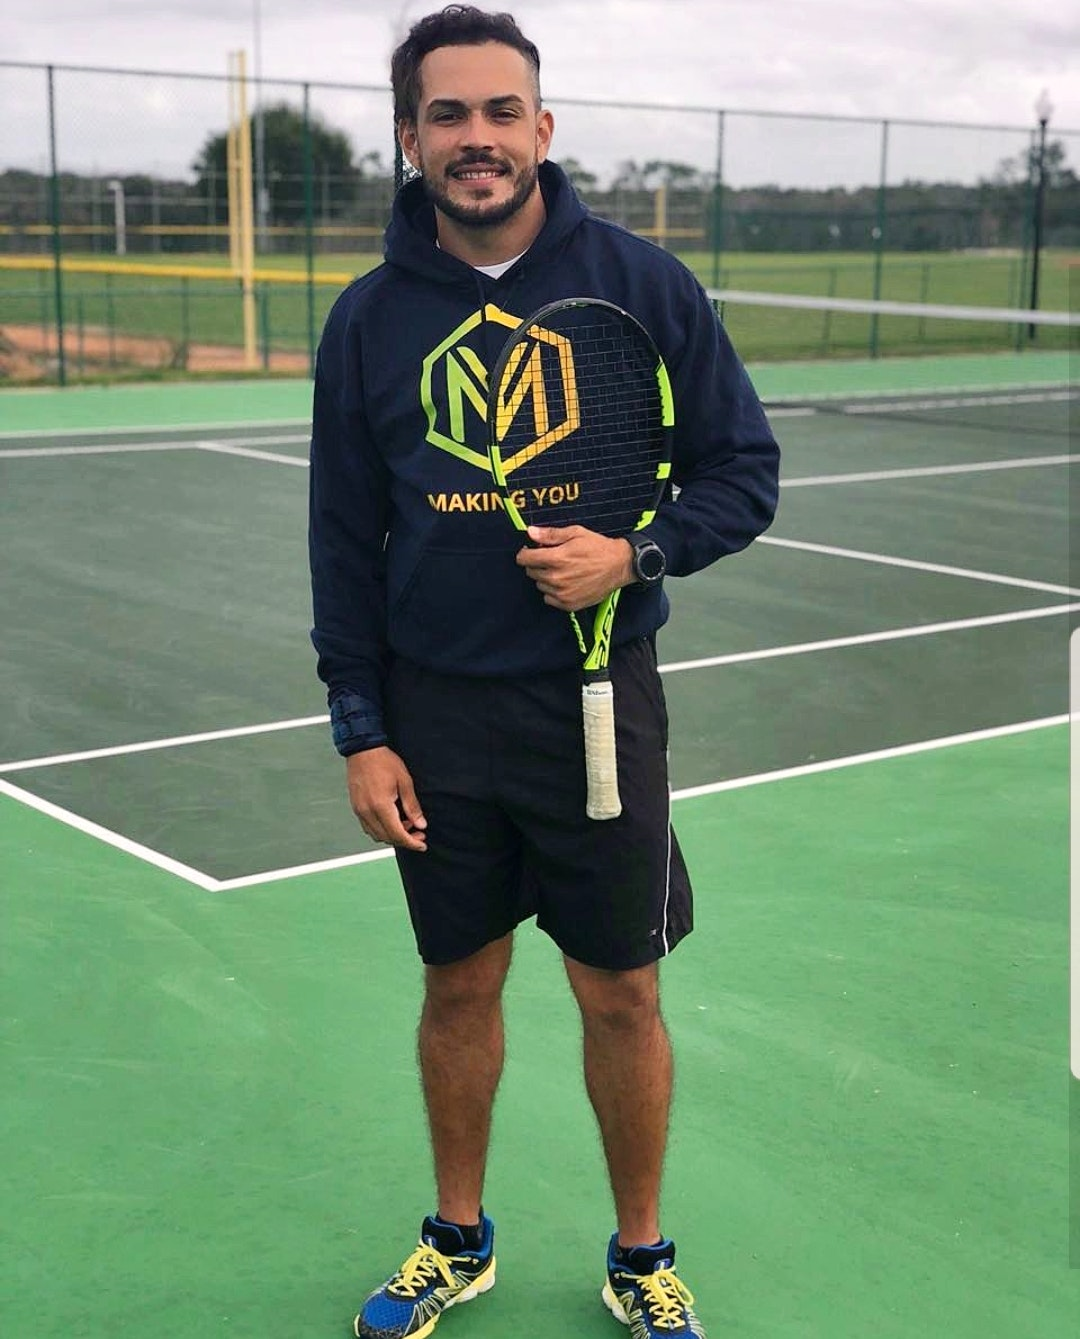 Giancarlo E. teaches tennis lessons in Kissimmee, FL